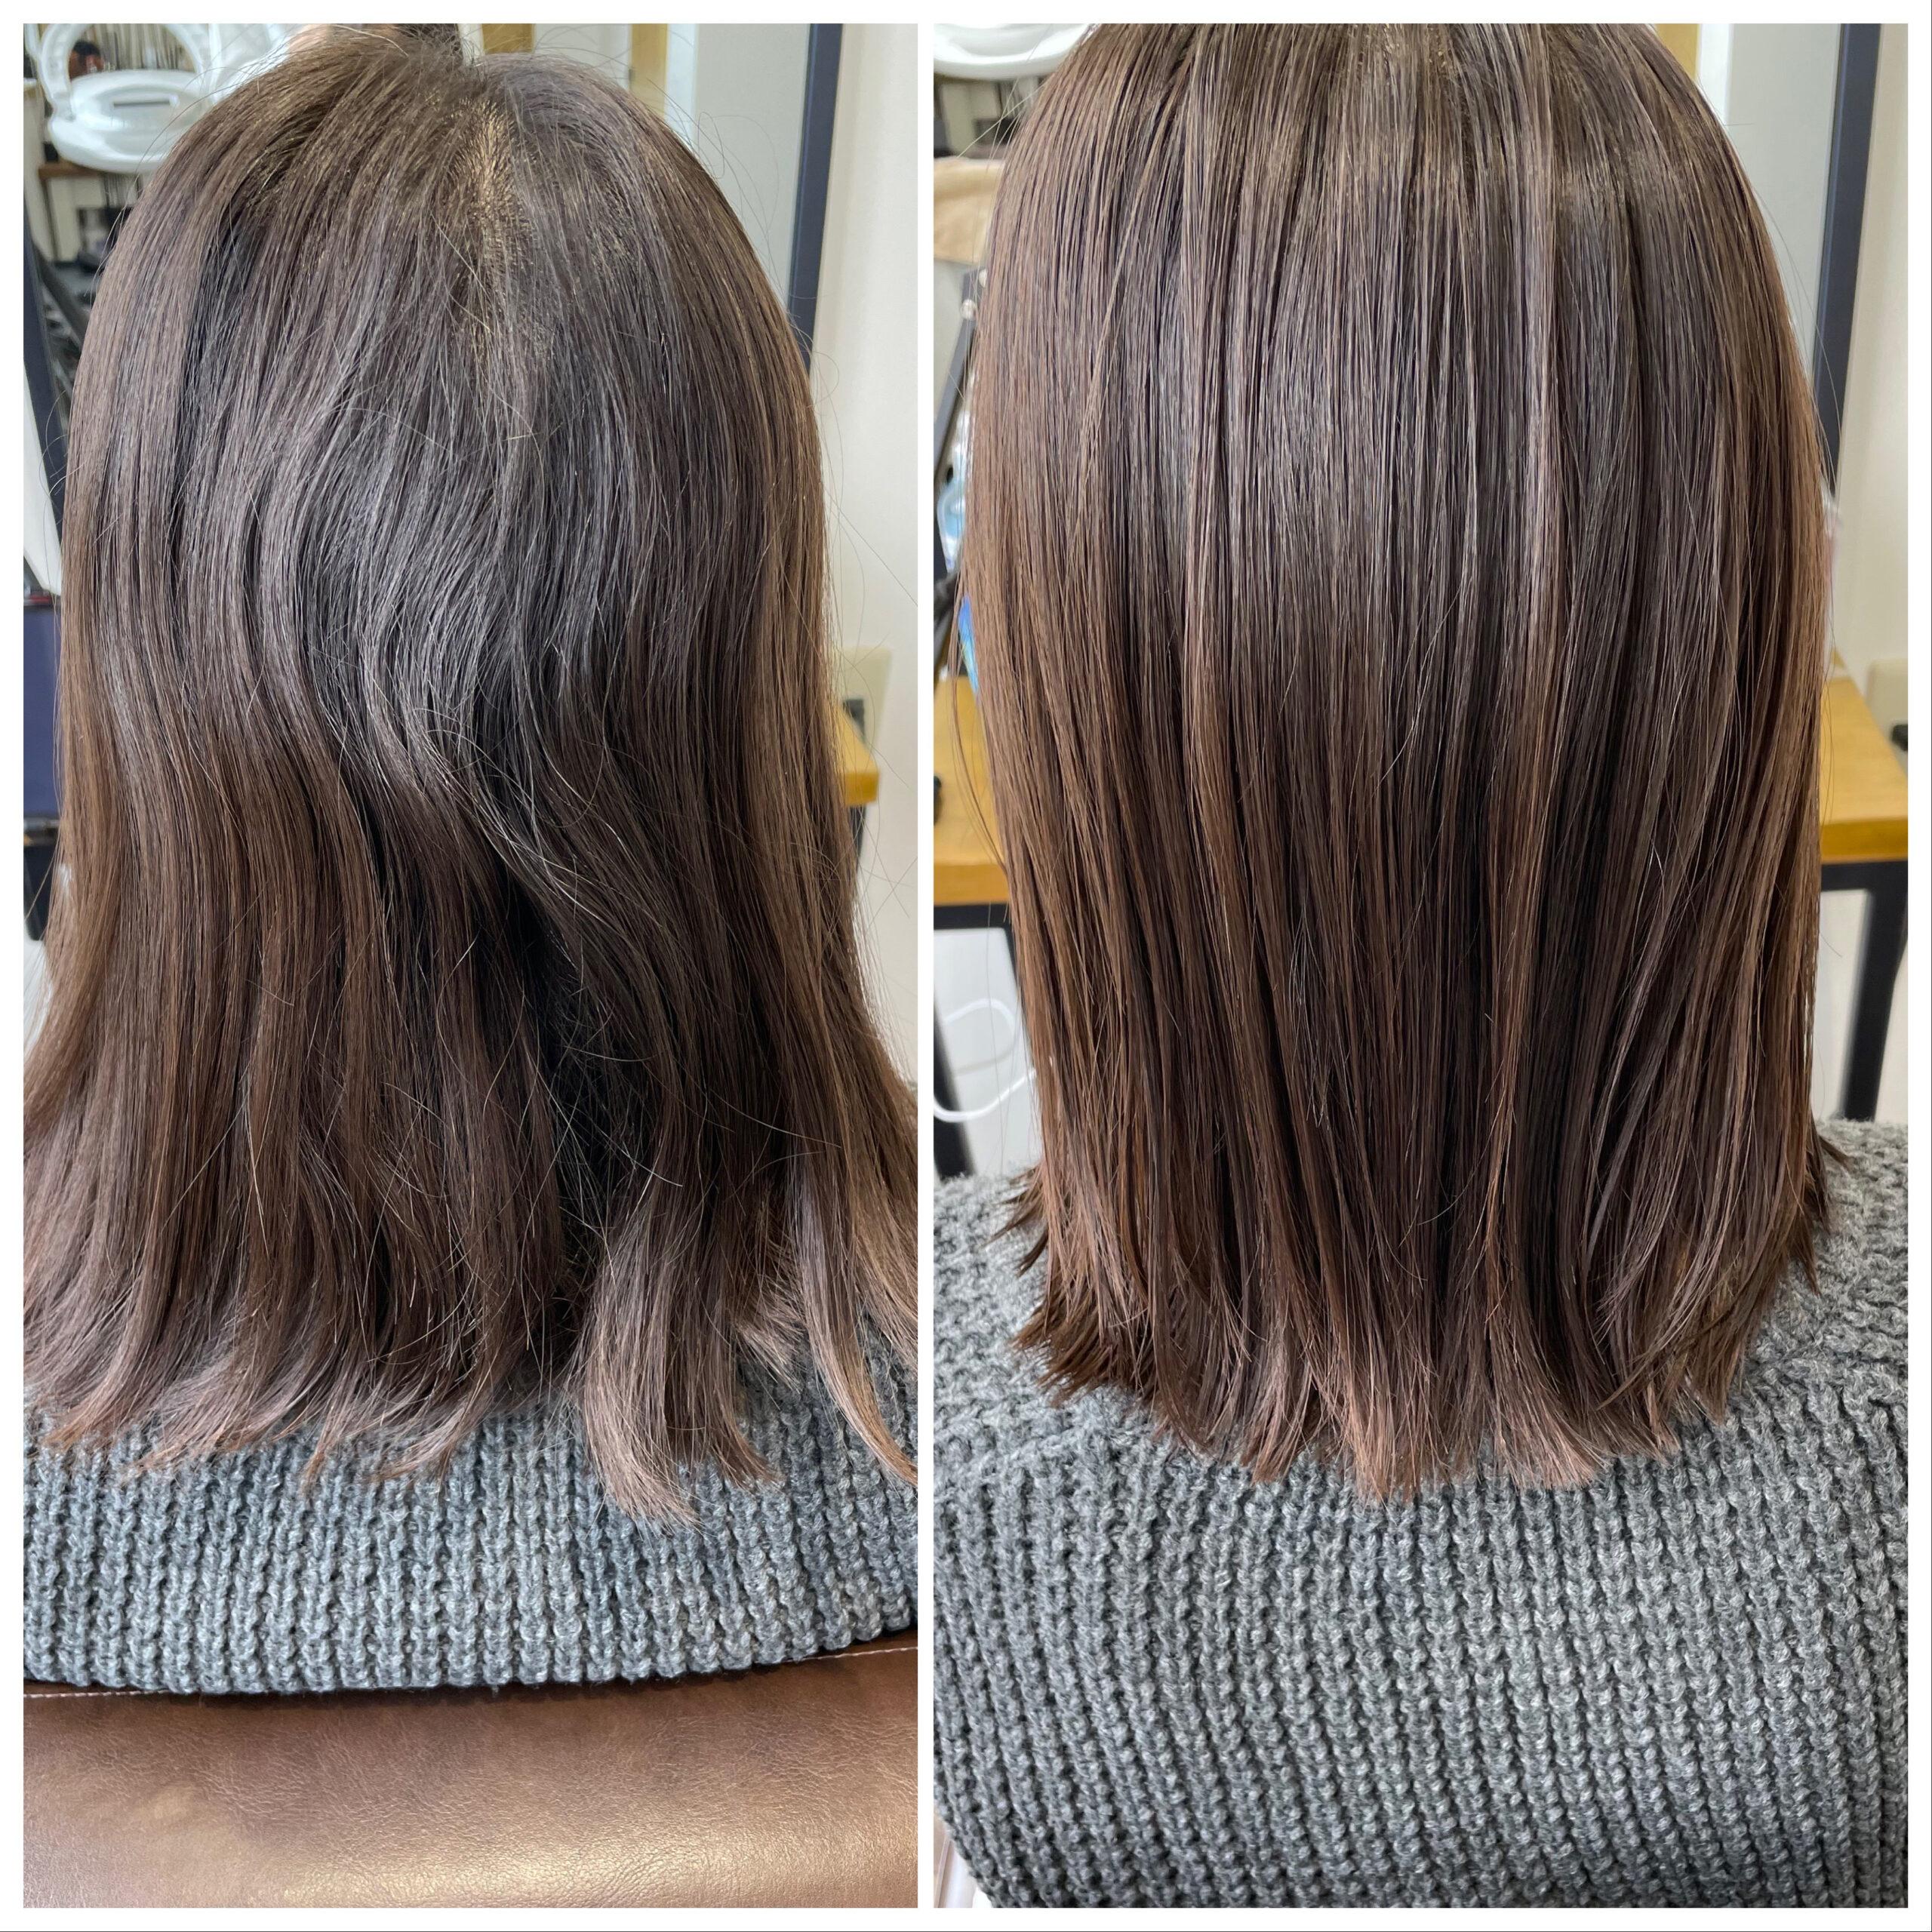 大分県別府市 弱酸性の縮毛矯正でツヤツヤ、サラサラのストレートヘア ビフォーアフター